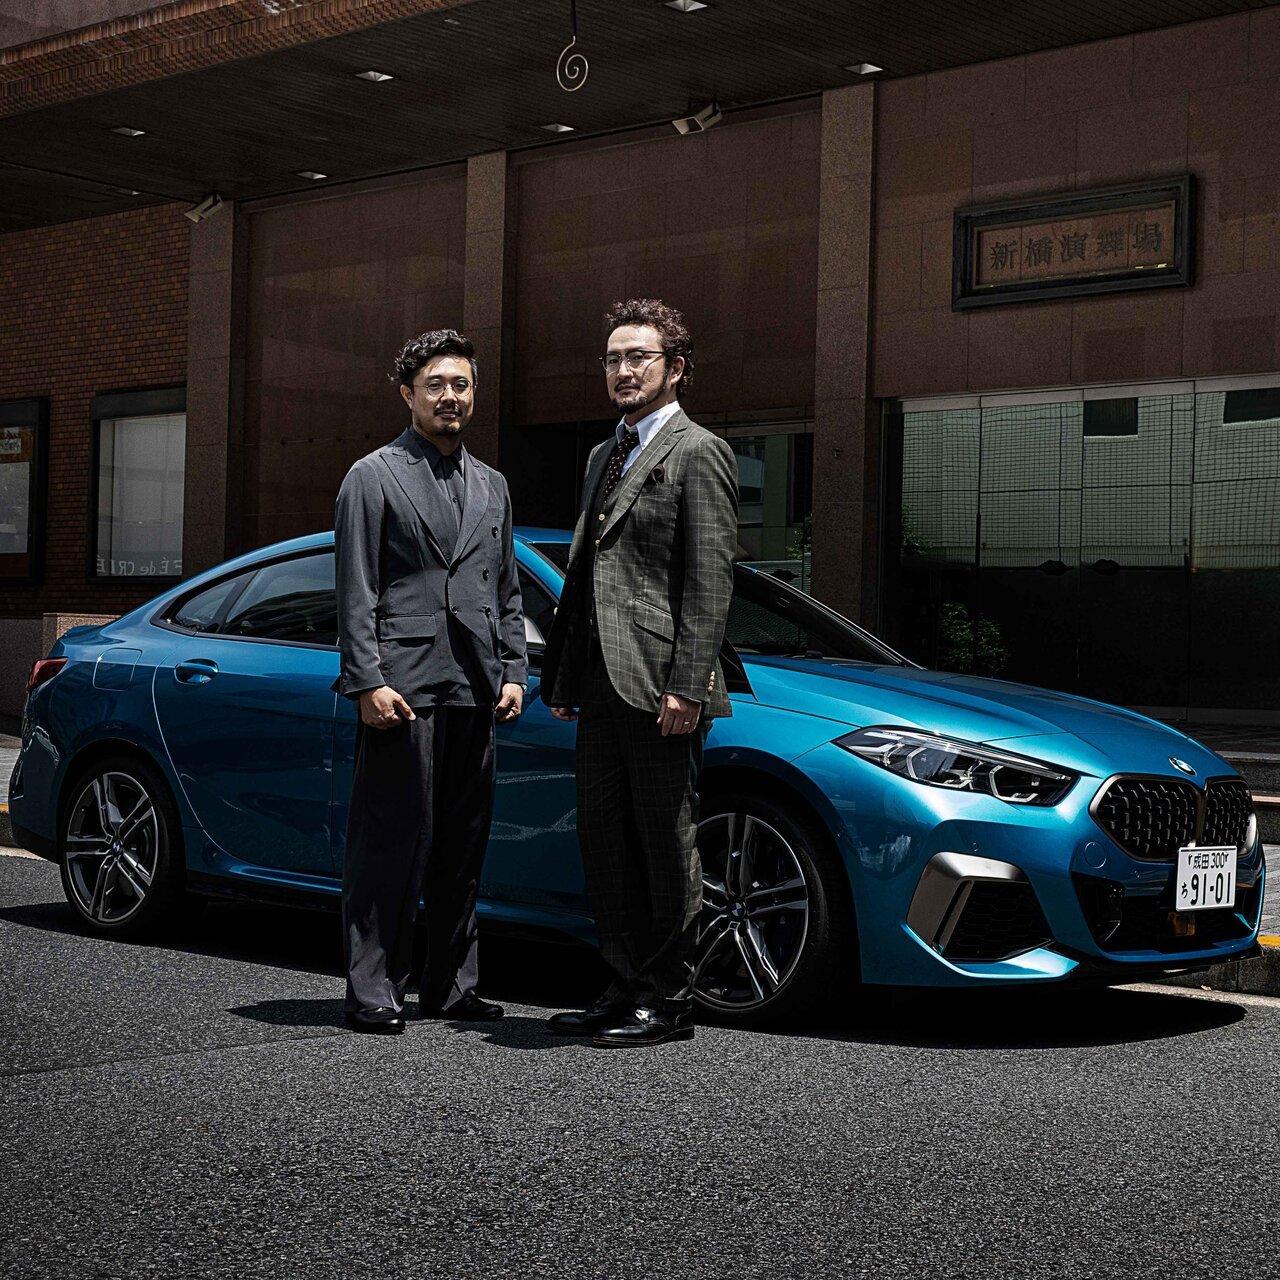 歌舞伎俳優 中村獅童×開化堂 八木隆裕が語る、BMW M235i xDrive グラン クーペ の真価|BMW